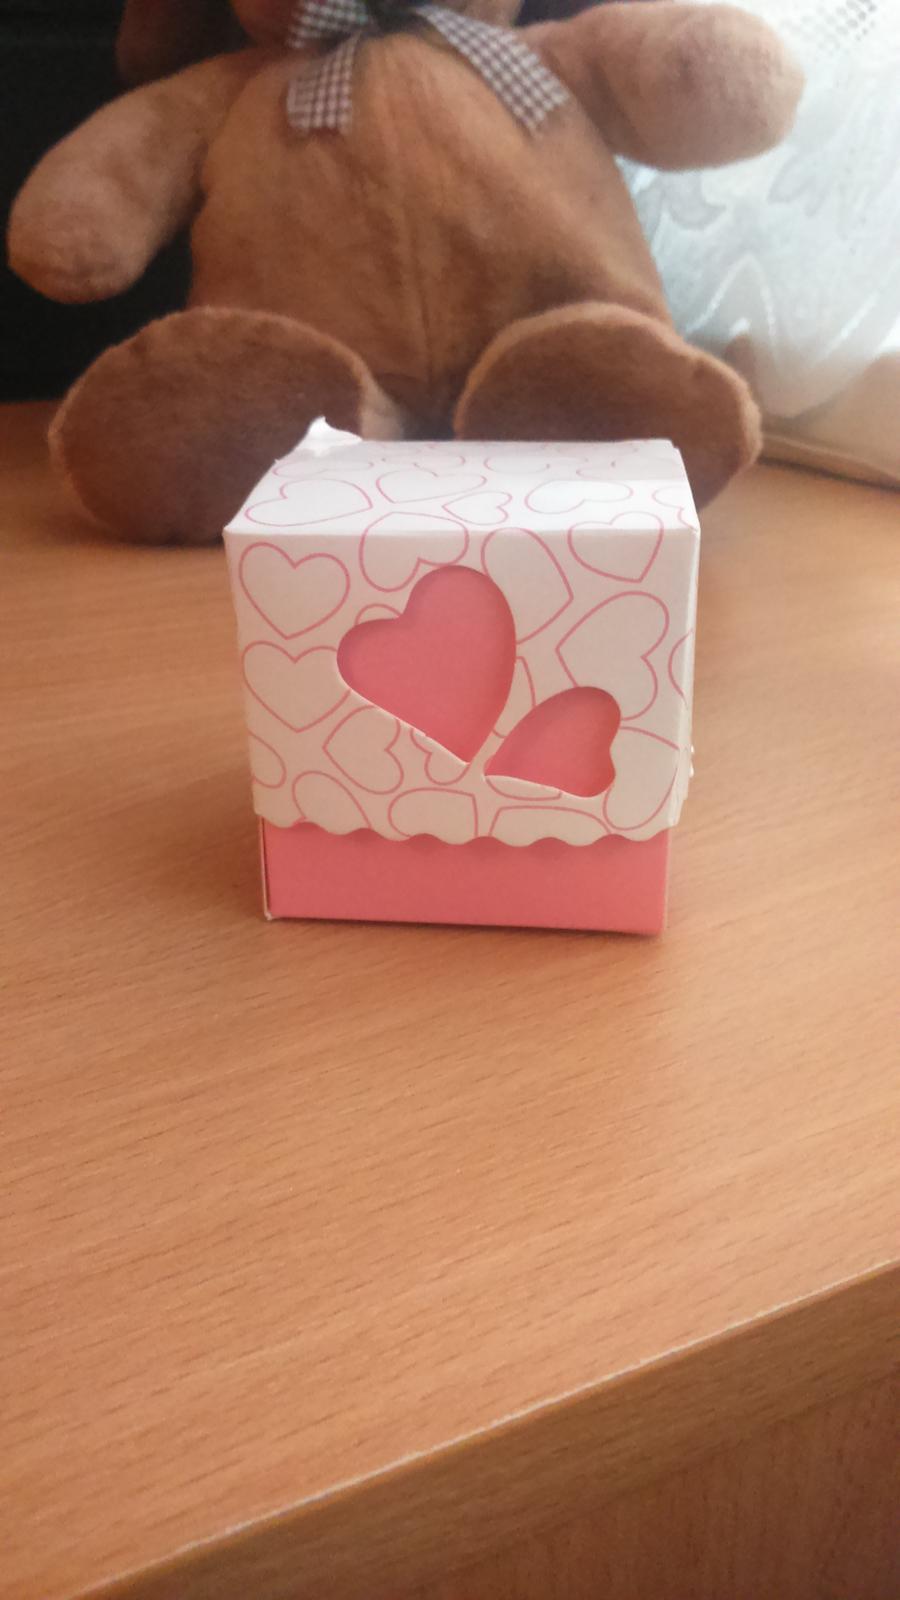 Milé budúce nevesticky,  predám 50 ks krabiciek,vhodné na darčeky pre hostí. Mne prišli bohužiaľ až po svadbe a nedávno som ich objavila v skrinke :) cena 7e. - Obrázok č. 1